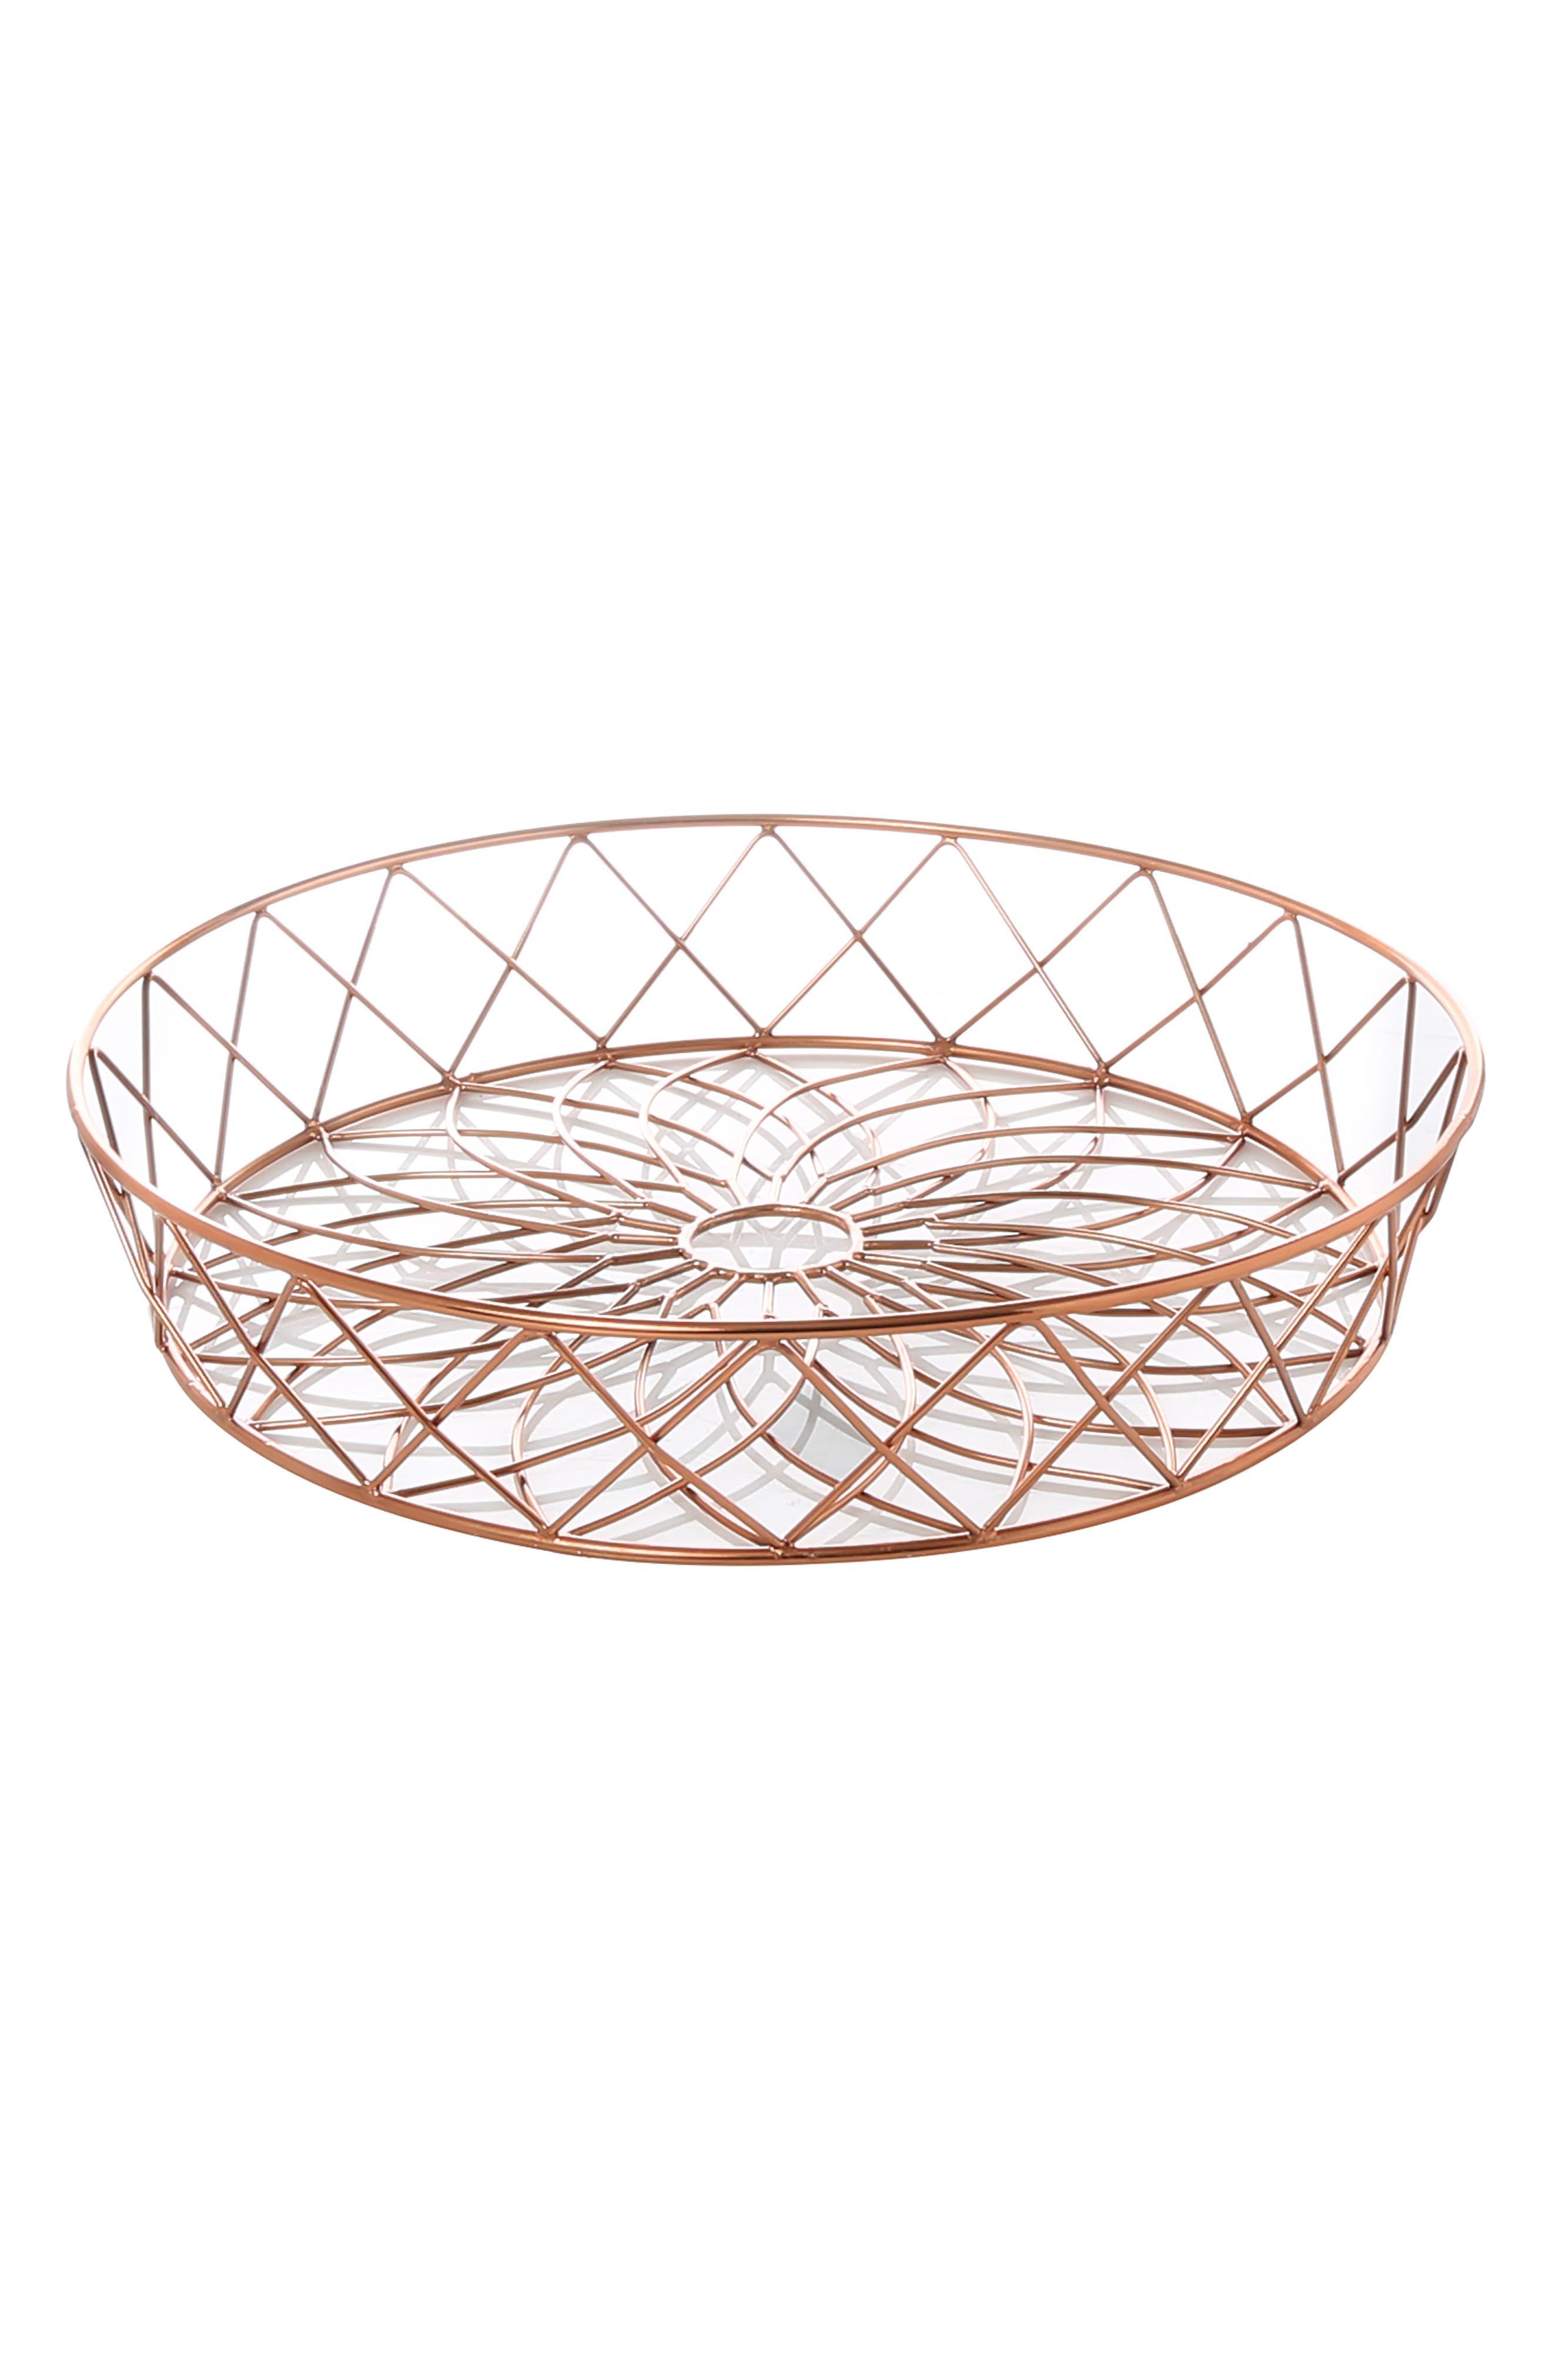 Copper Finish Wire Basket,                         Main,                         color, 220